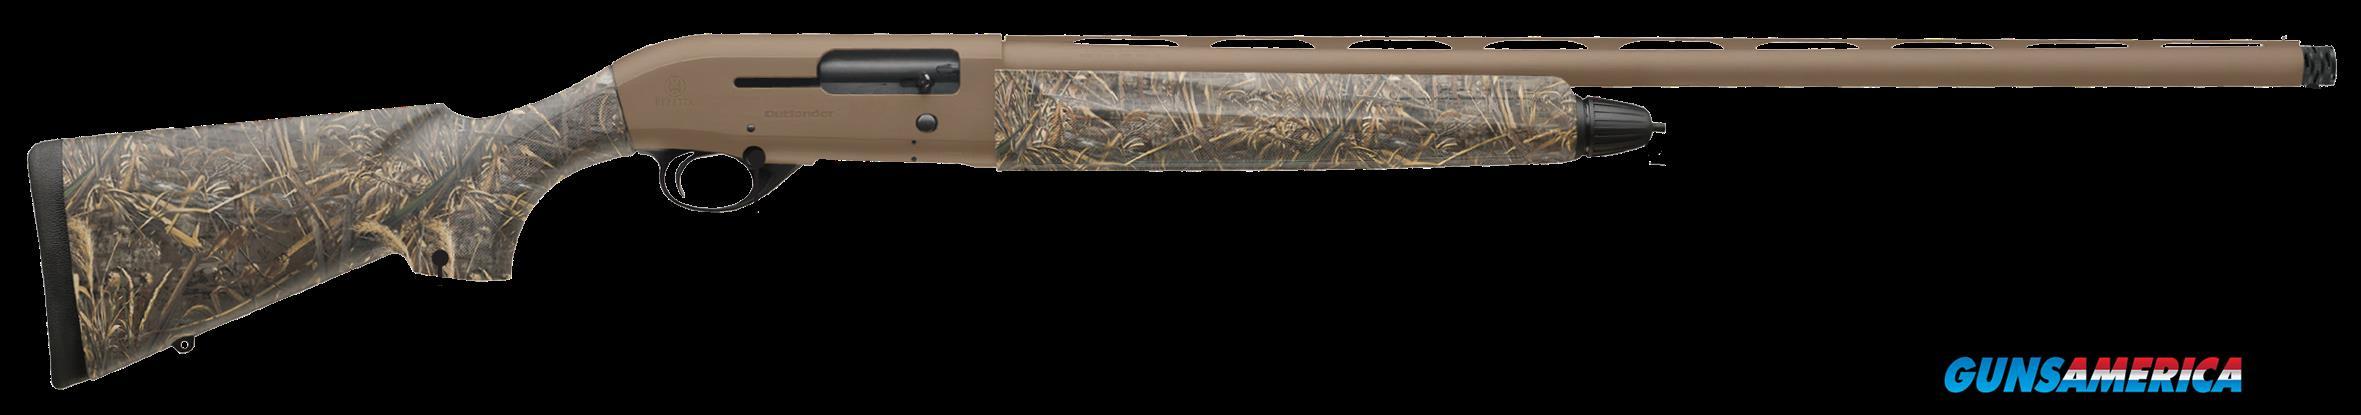 Beretta Usa A300, Ber J30tmb18  A300 Outlander   12 28      Rltm5-bb  Guns > Pistols > 1911 Pistol Copies (non-Colt)